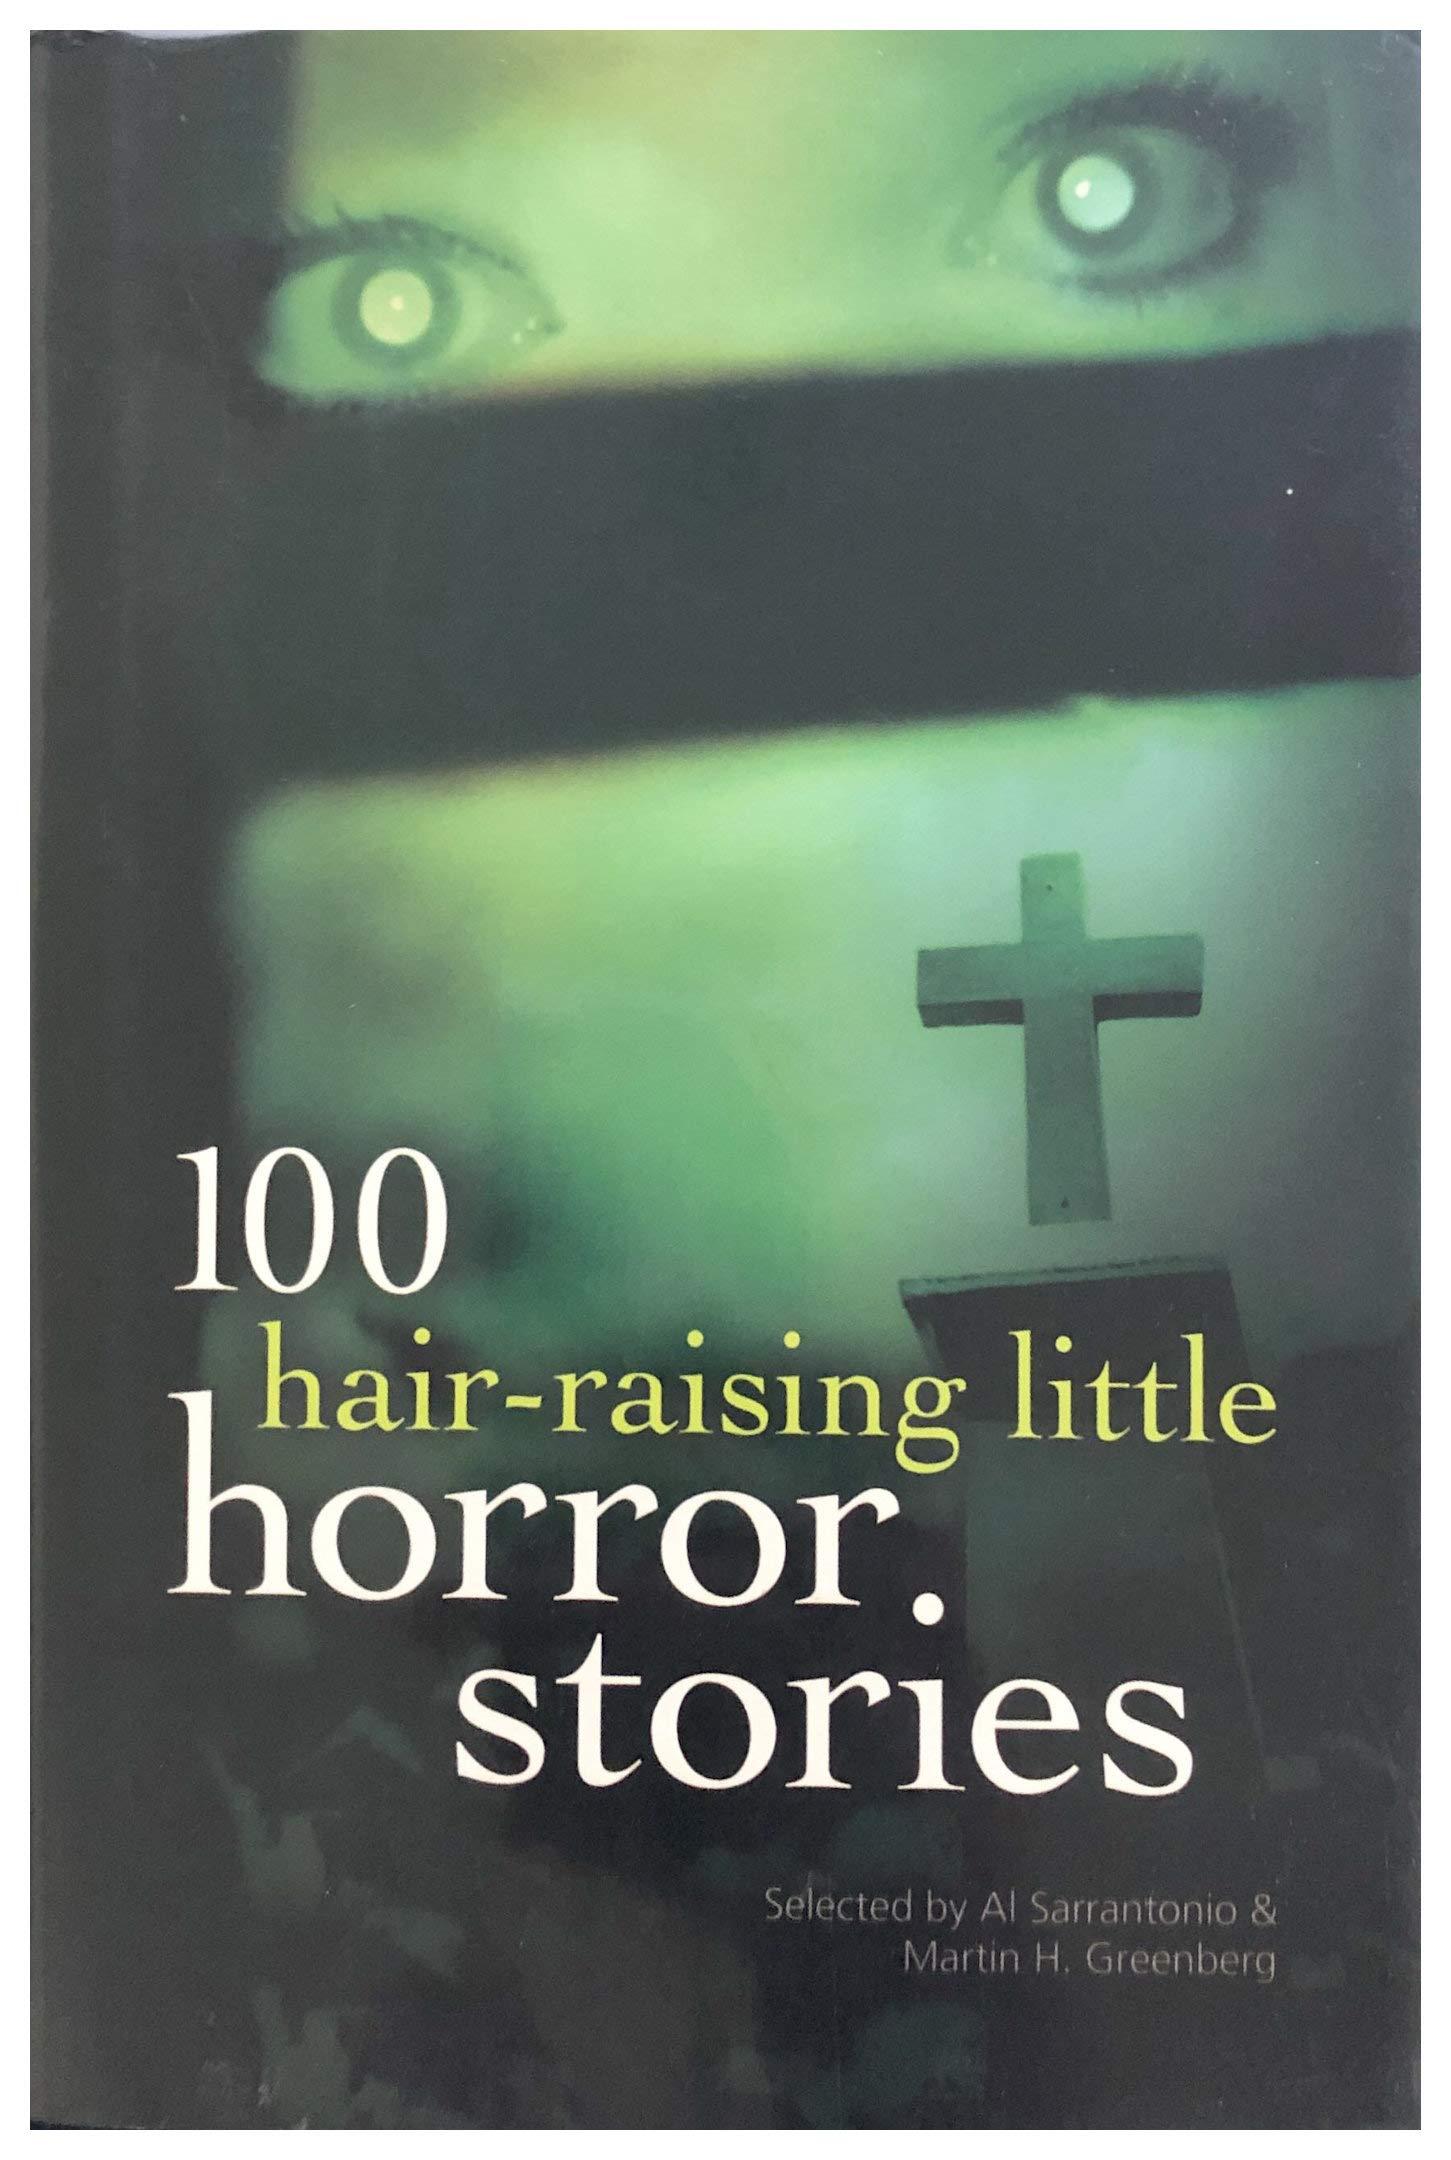 100 Hair-raising Little Horror Stories: Amazon.de: Al ...